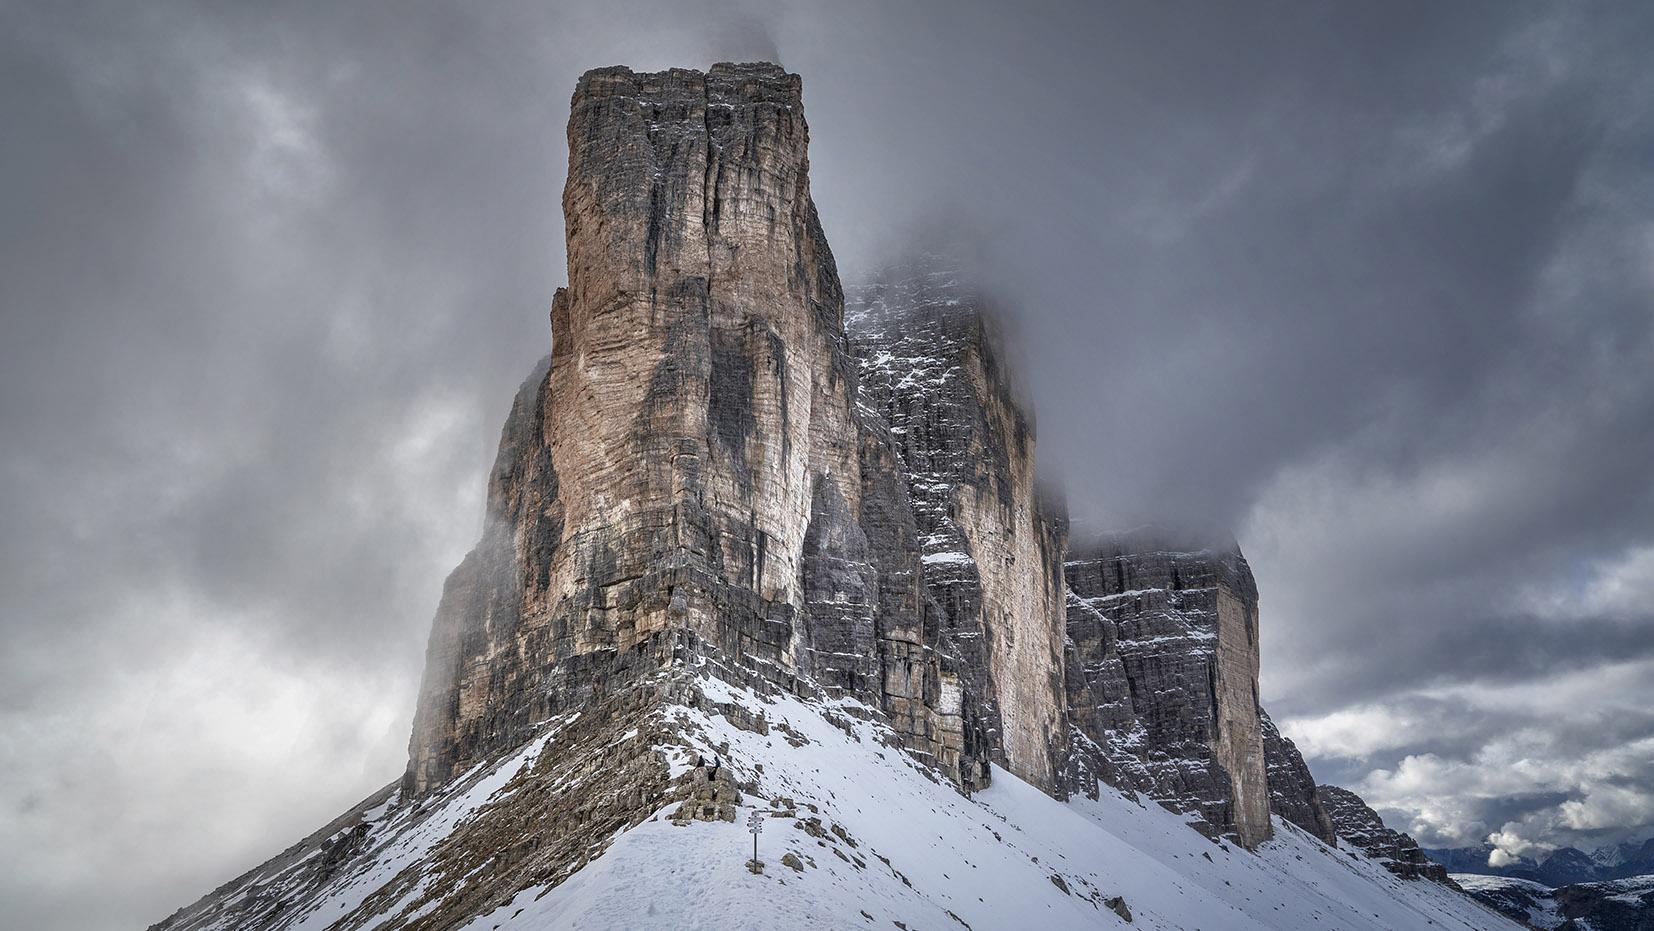 Une semaine dans les Dolomites Tre Cime nuages neige roche